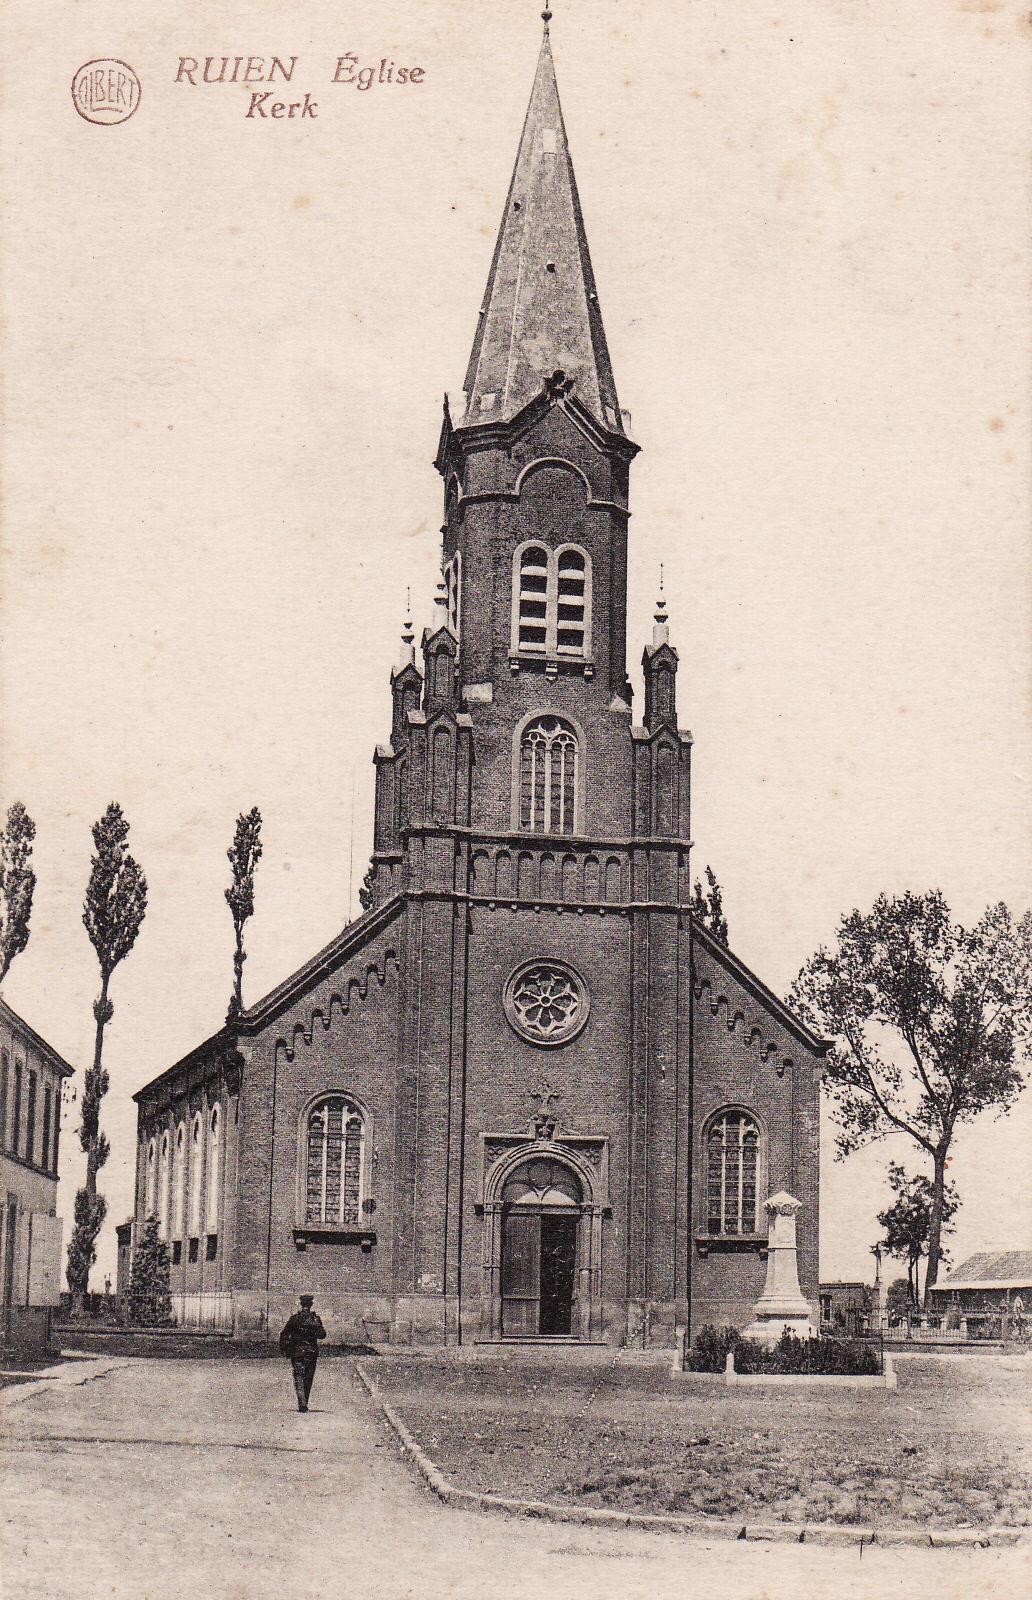 Kerk Ruien